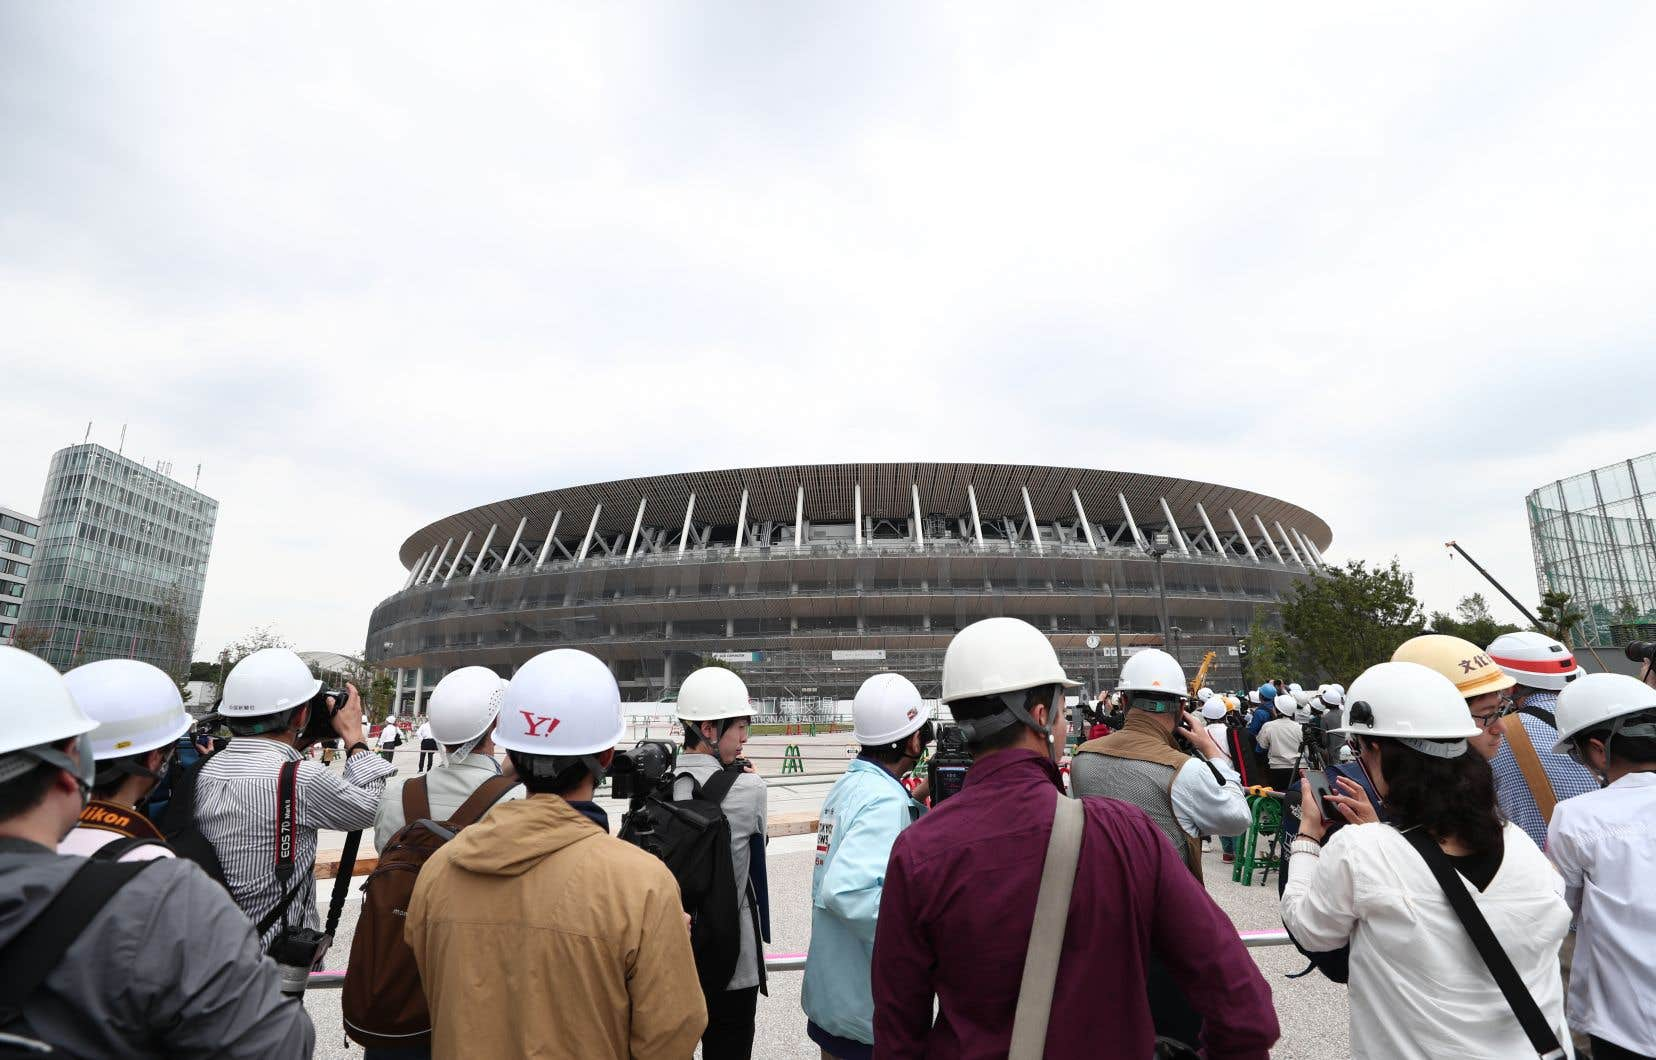 <p>Un peu moins d'un an avant le début des Jeux olympiques à Tokyo, les autorités vantent des progrès rapides sur les chantiers, mais des groupes de travailleurs estiment que la vitesse de construction a eu des conséquences dangereuses.</p>